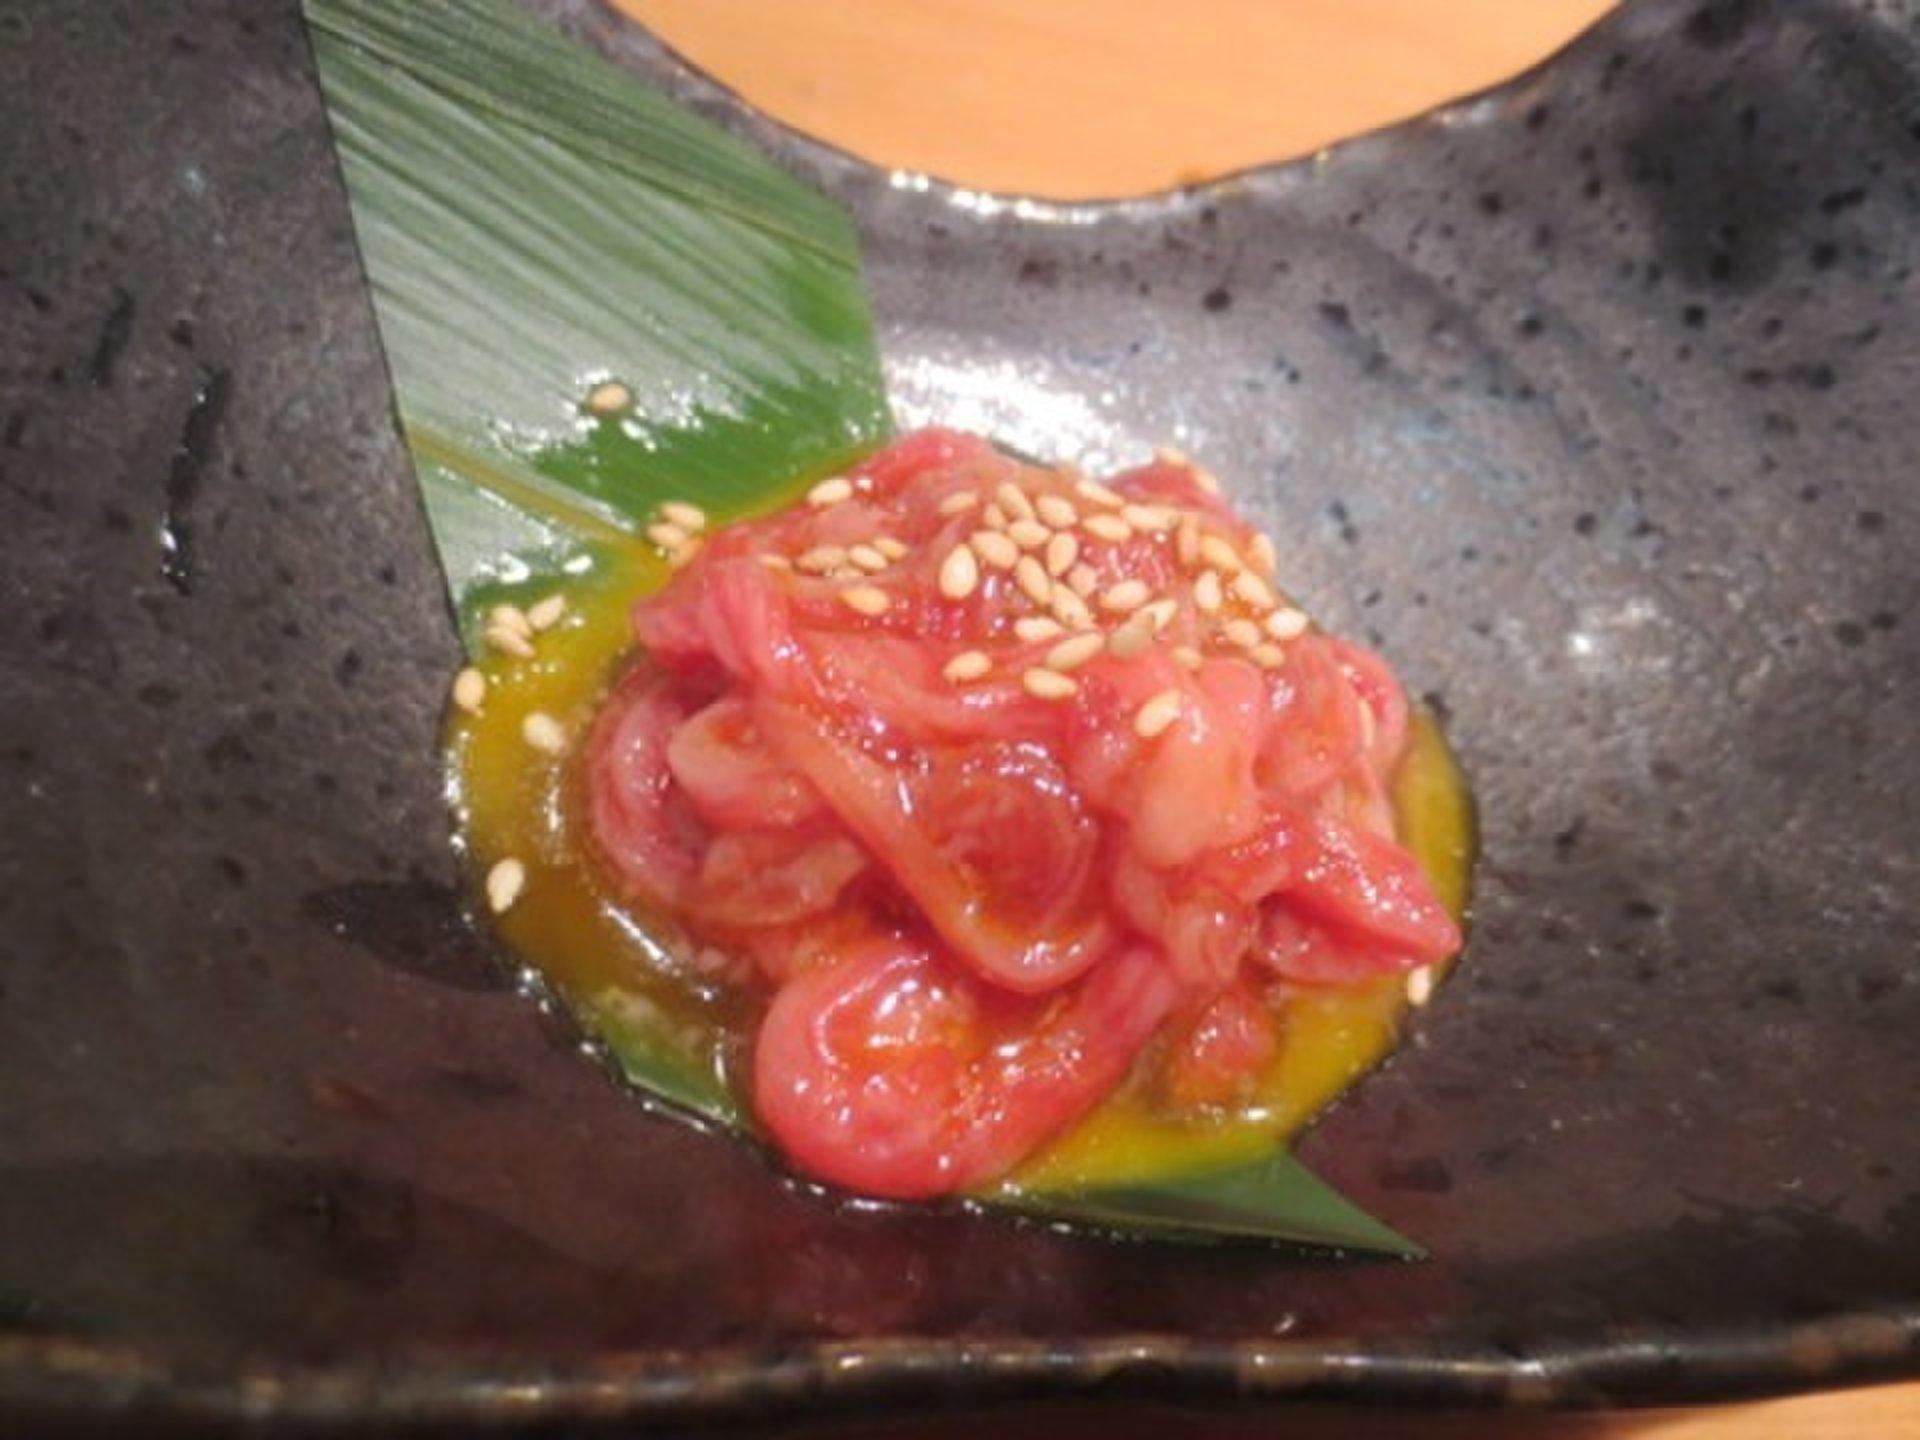 【東京・赤坂】日本一の溶岩焼きレバーに感動。デートにおすすめのおしゃれ焼き肉店。